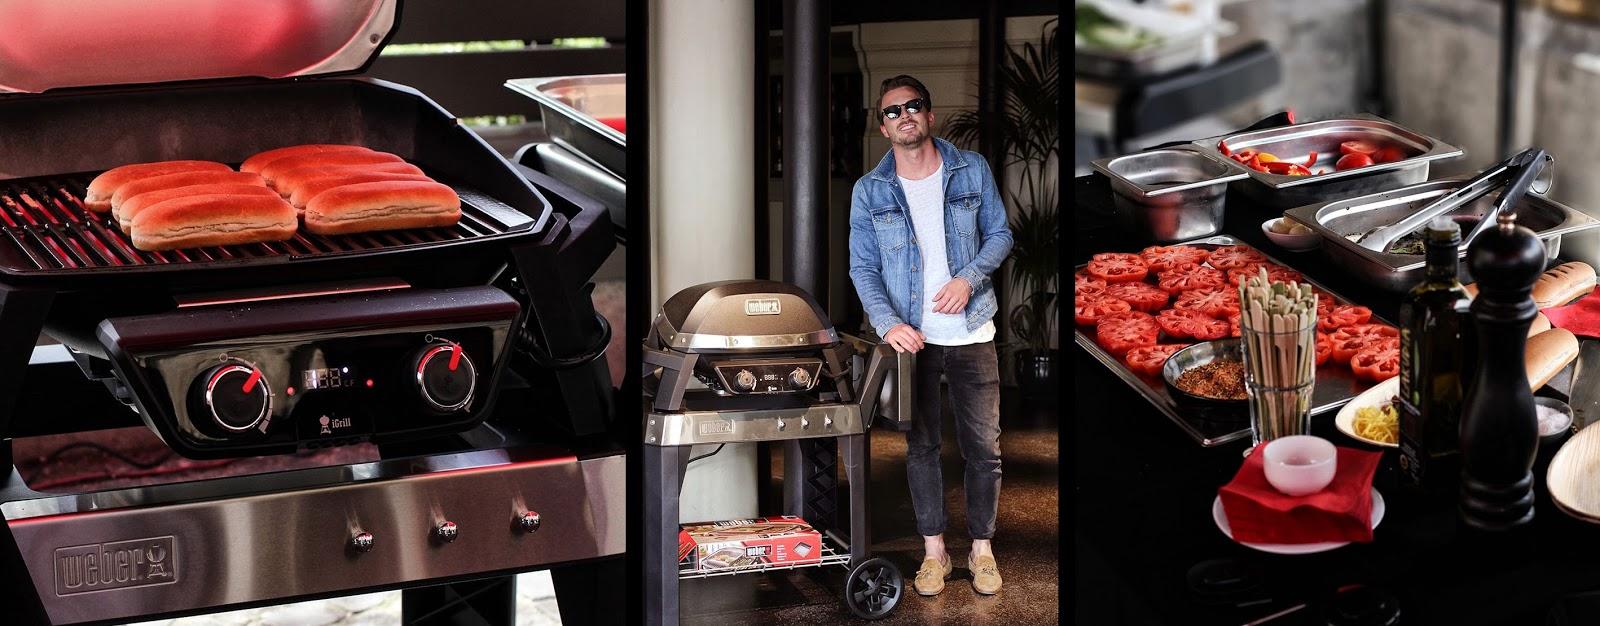 weber grills zu best weber onetouch premium cm von weber im edlen design with weber grills zu. Black Bedroom Furniture Sets. Home Design Ideas